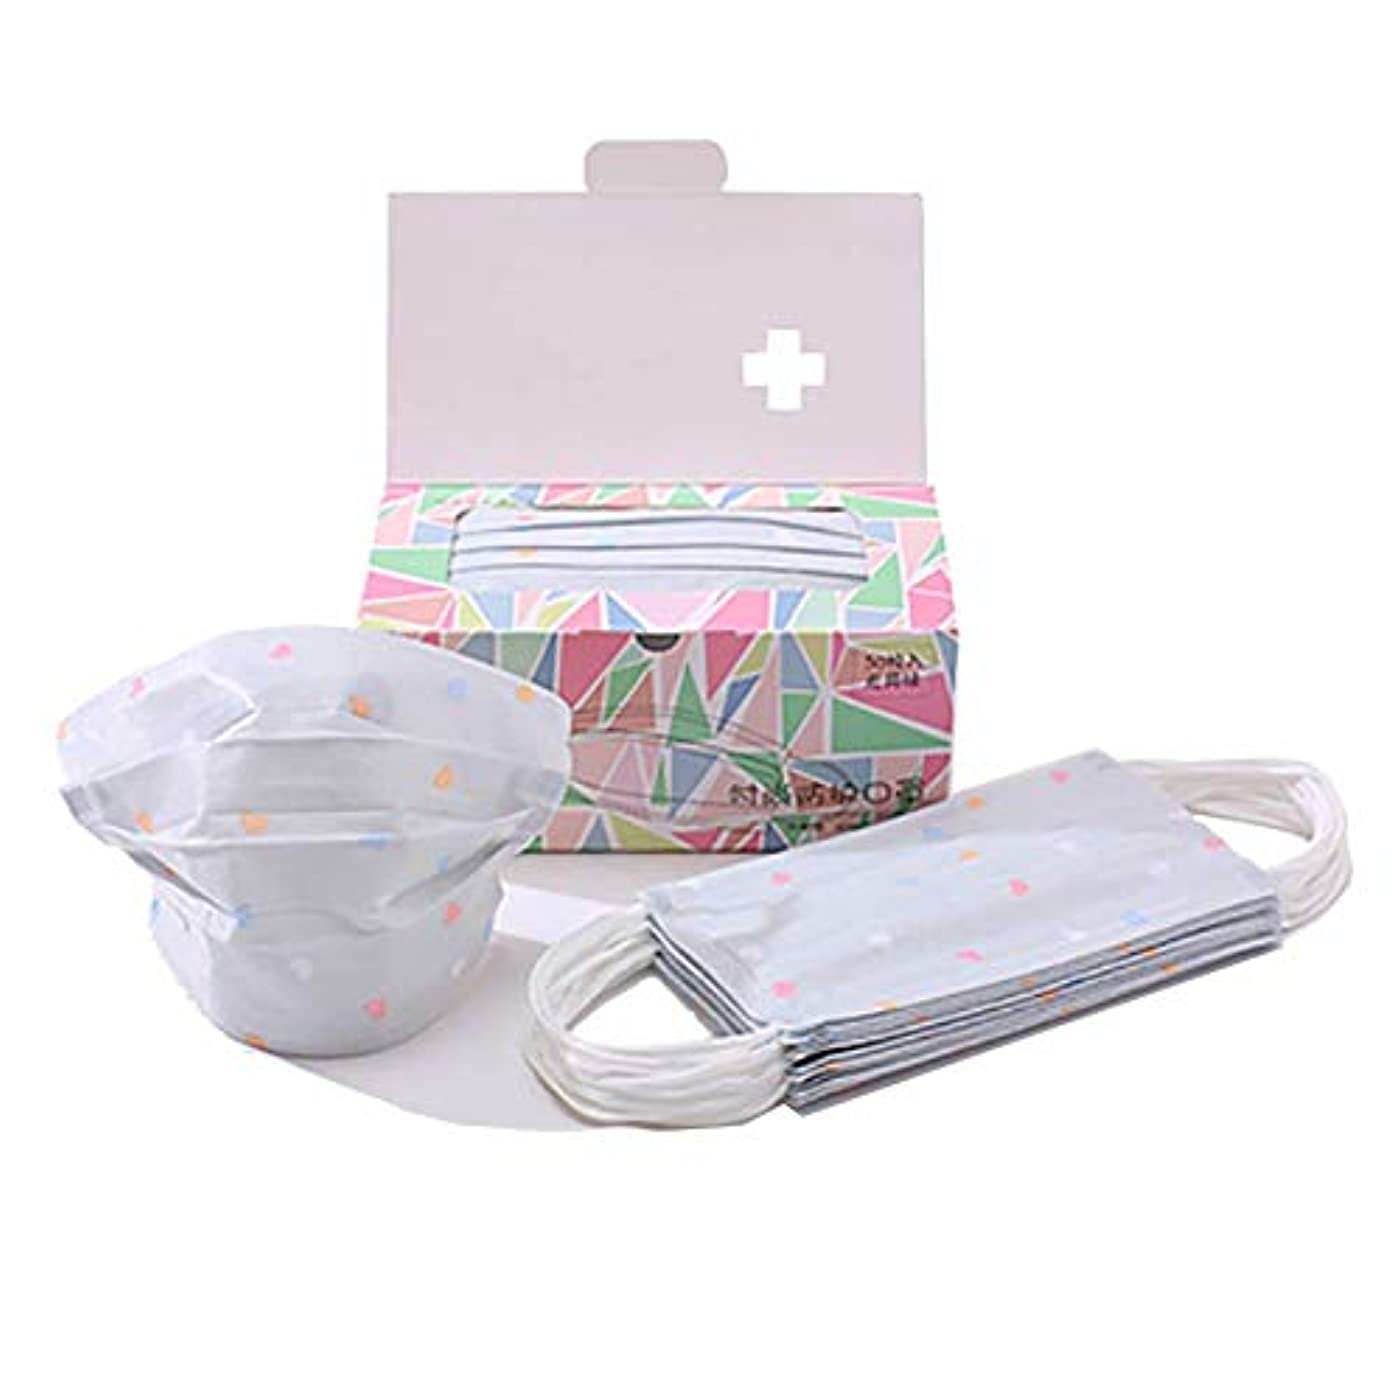 透明に骨の折れる全国Chinashow 100個使い捨てイヤループフェイスマスク - 歯科手術用医療アレルギーインフルエンザ低刺激性、通気性 生殖防塵マスク、灰色 愛